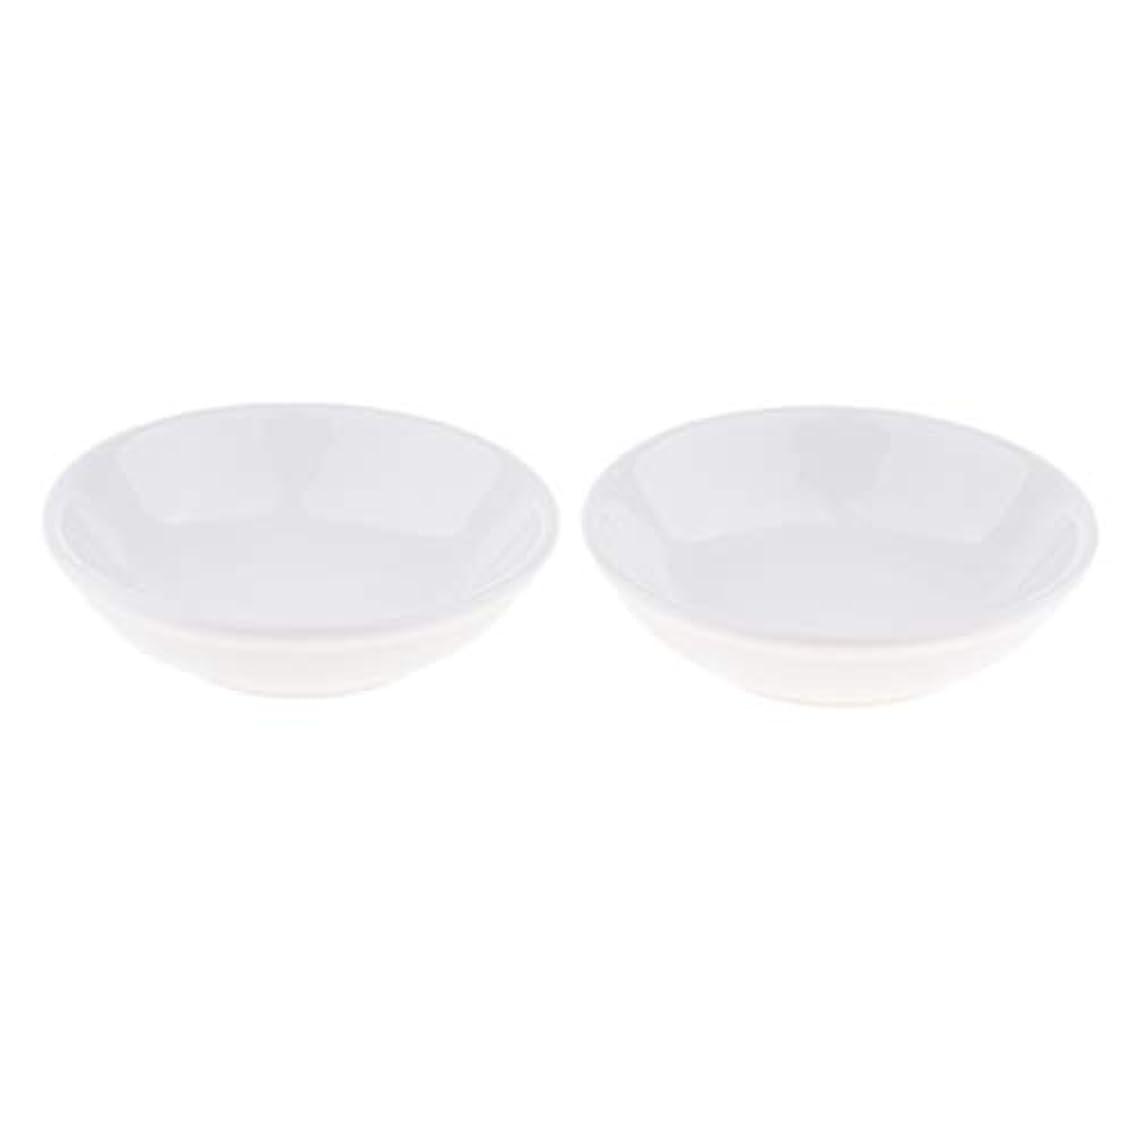 誓約リーズバンケットディッシュ 皿 セラミック オイルウォーマー 取り替え用 装飾 置物 2個入